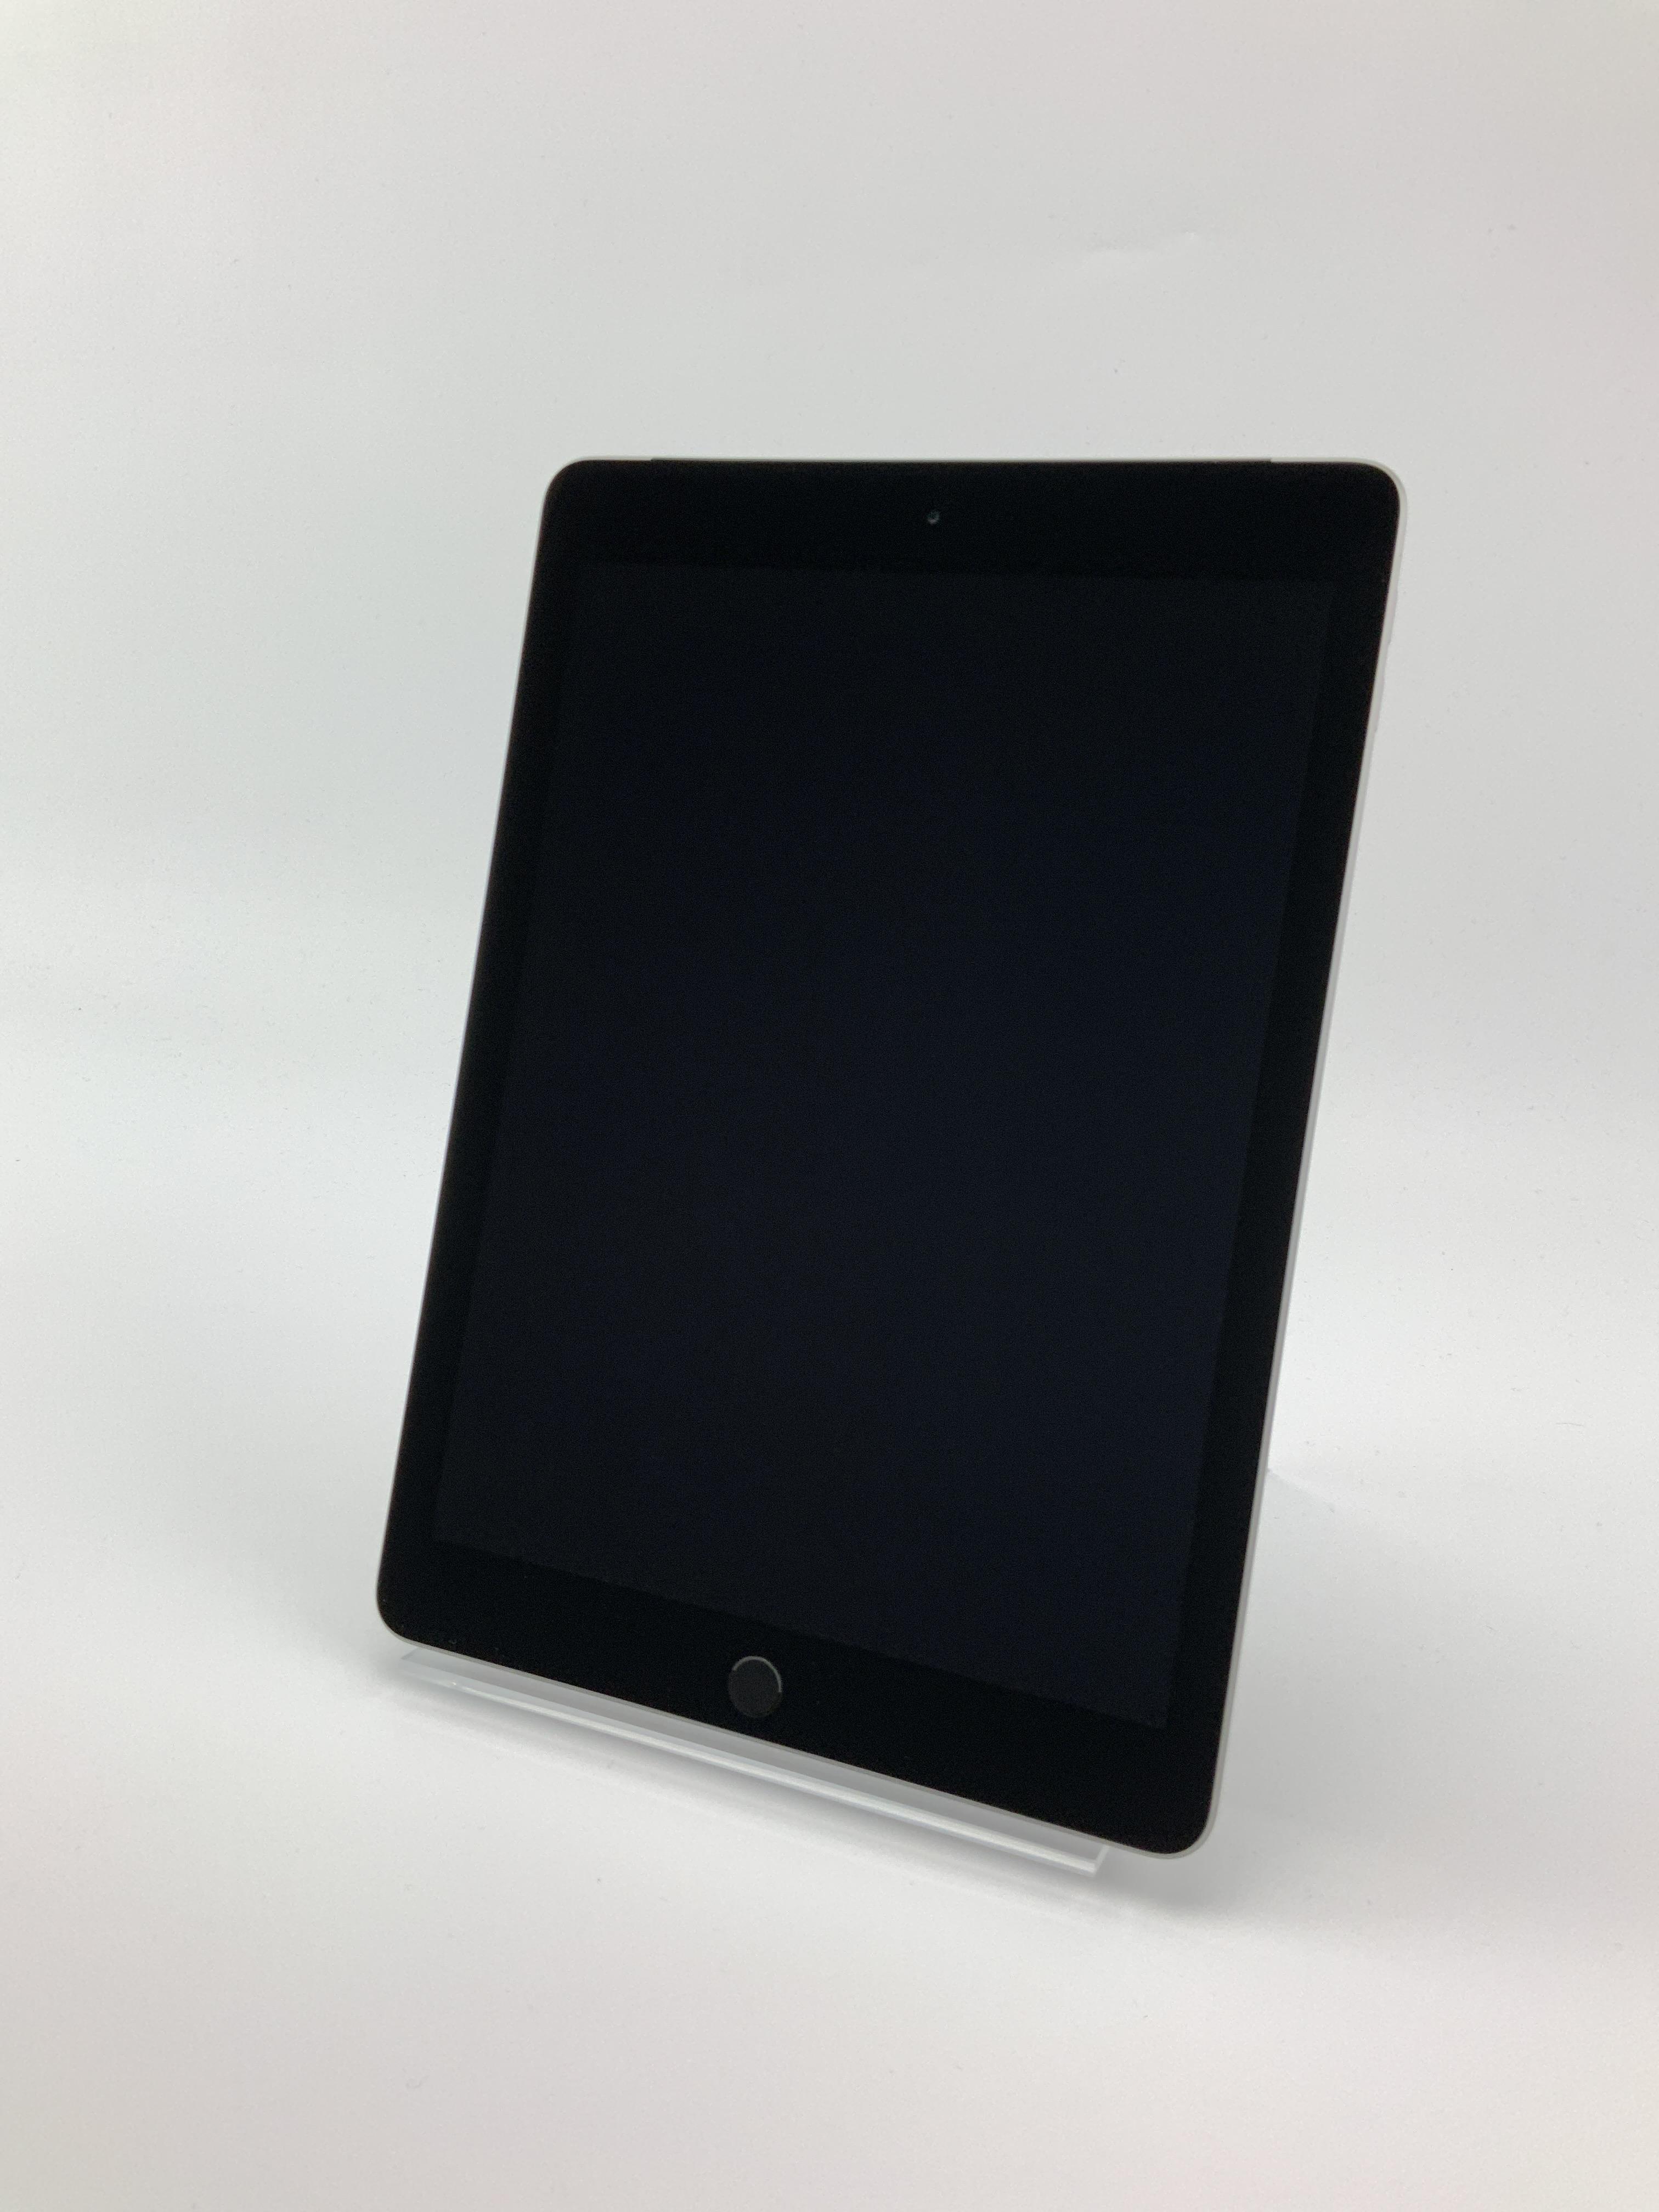 iPad 6 Wi-Fi + Cellular 32GB, 32GB, Space Gray, image 1